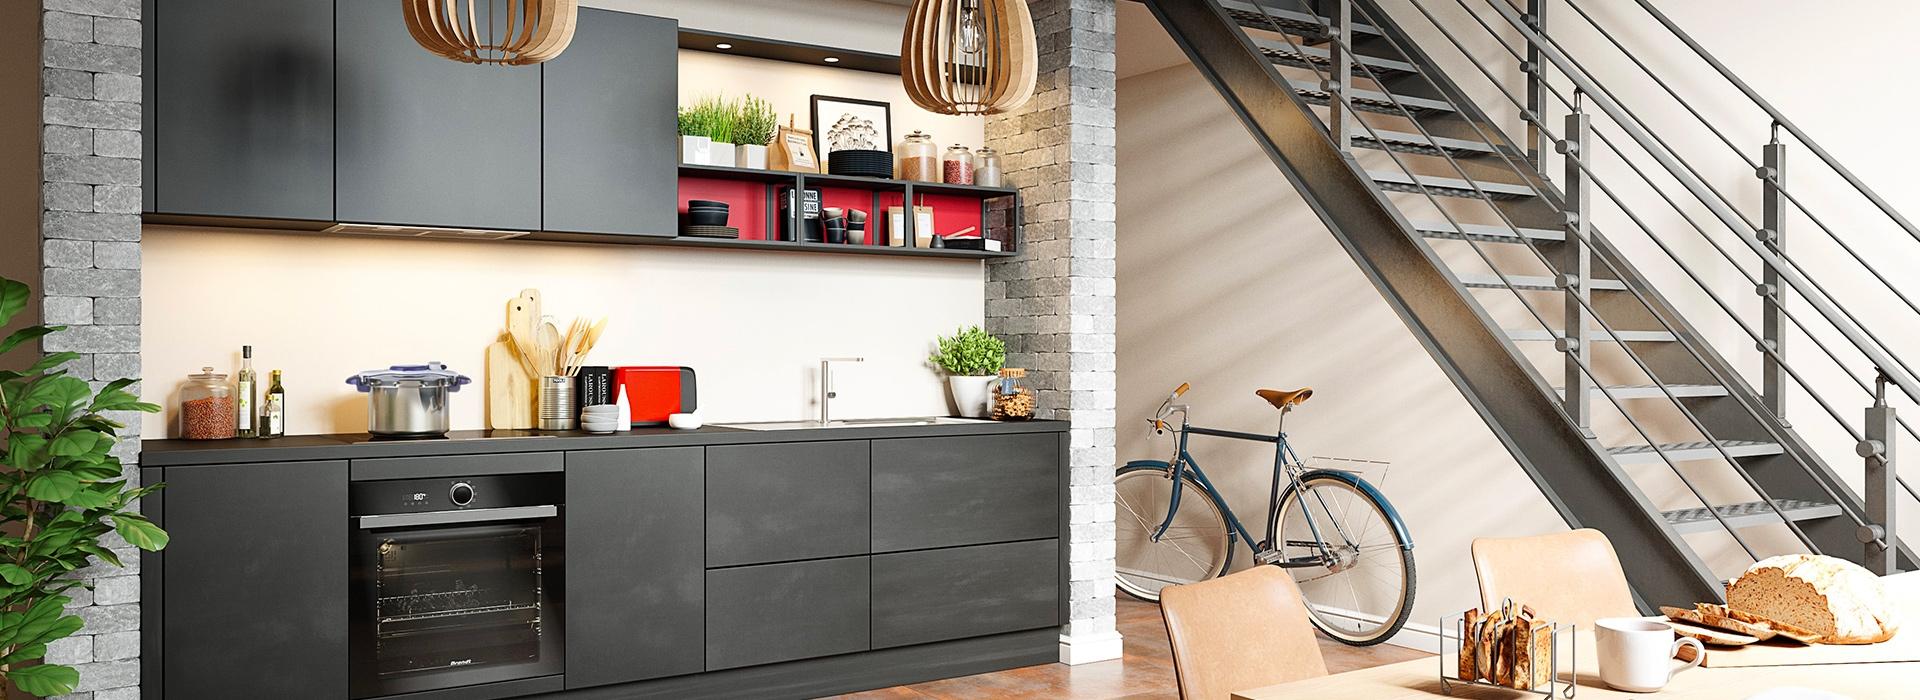 Choix De Peinture Cuisine pourquoi choisir une cuisine noire ?